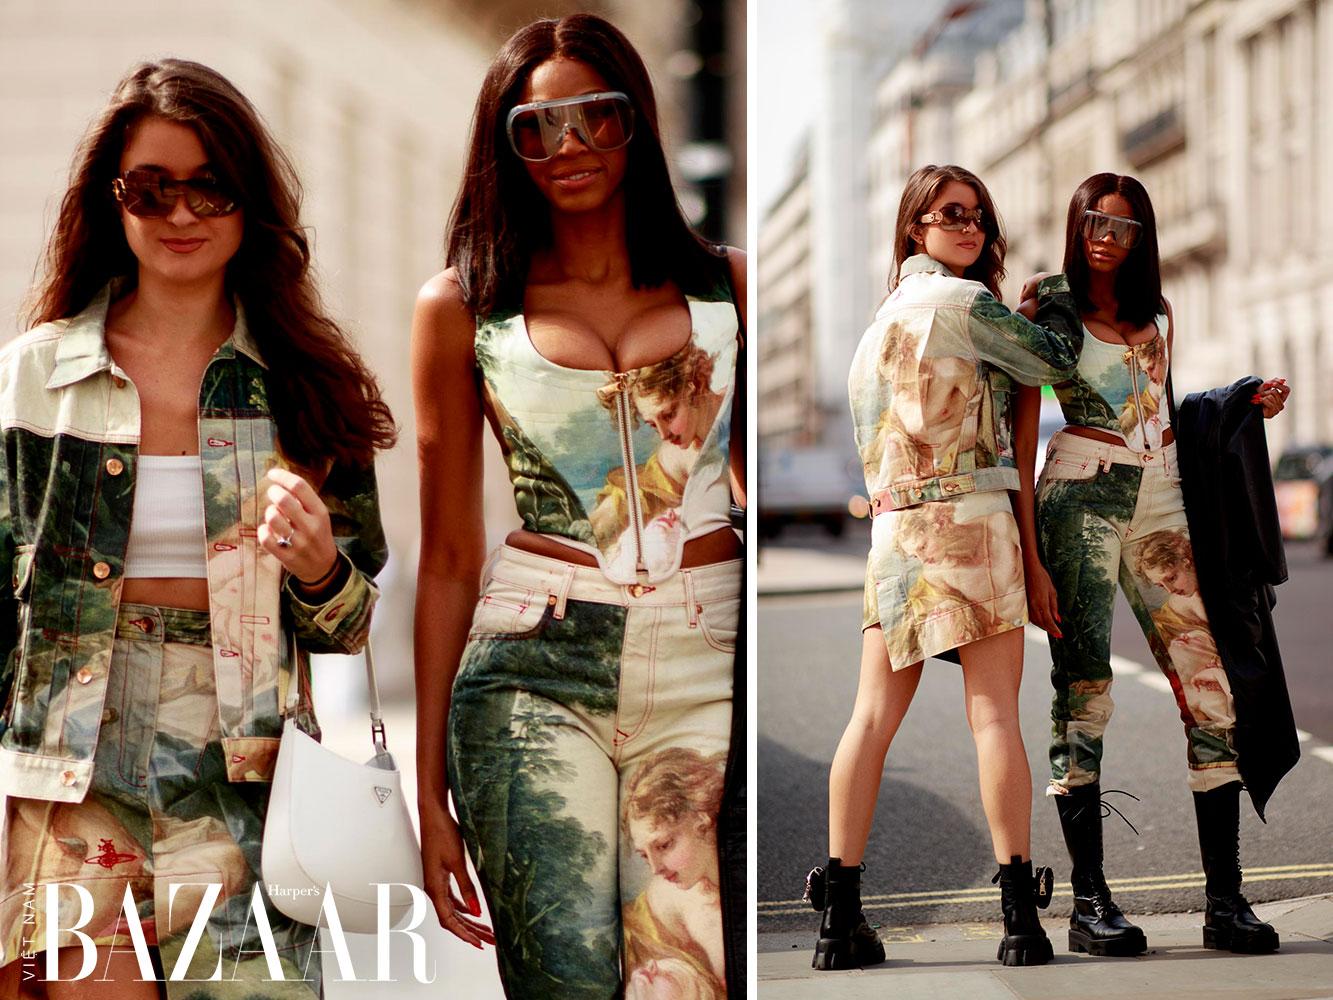 Street style tuần lễ thời trang London Xuân Hè 2022: Xua đi tiết trời u ám với màu sắc rực rỡ